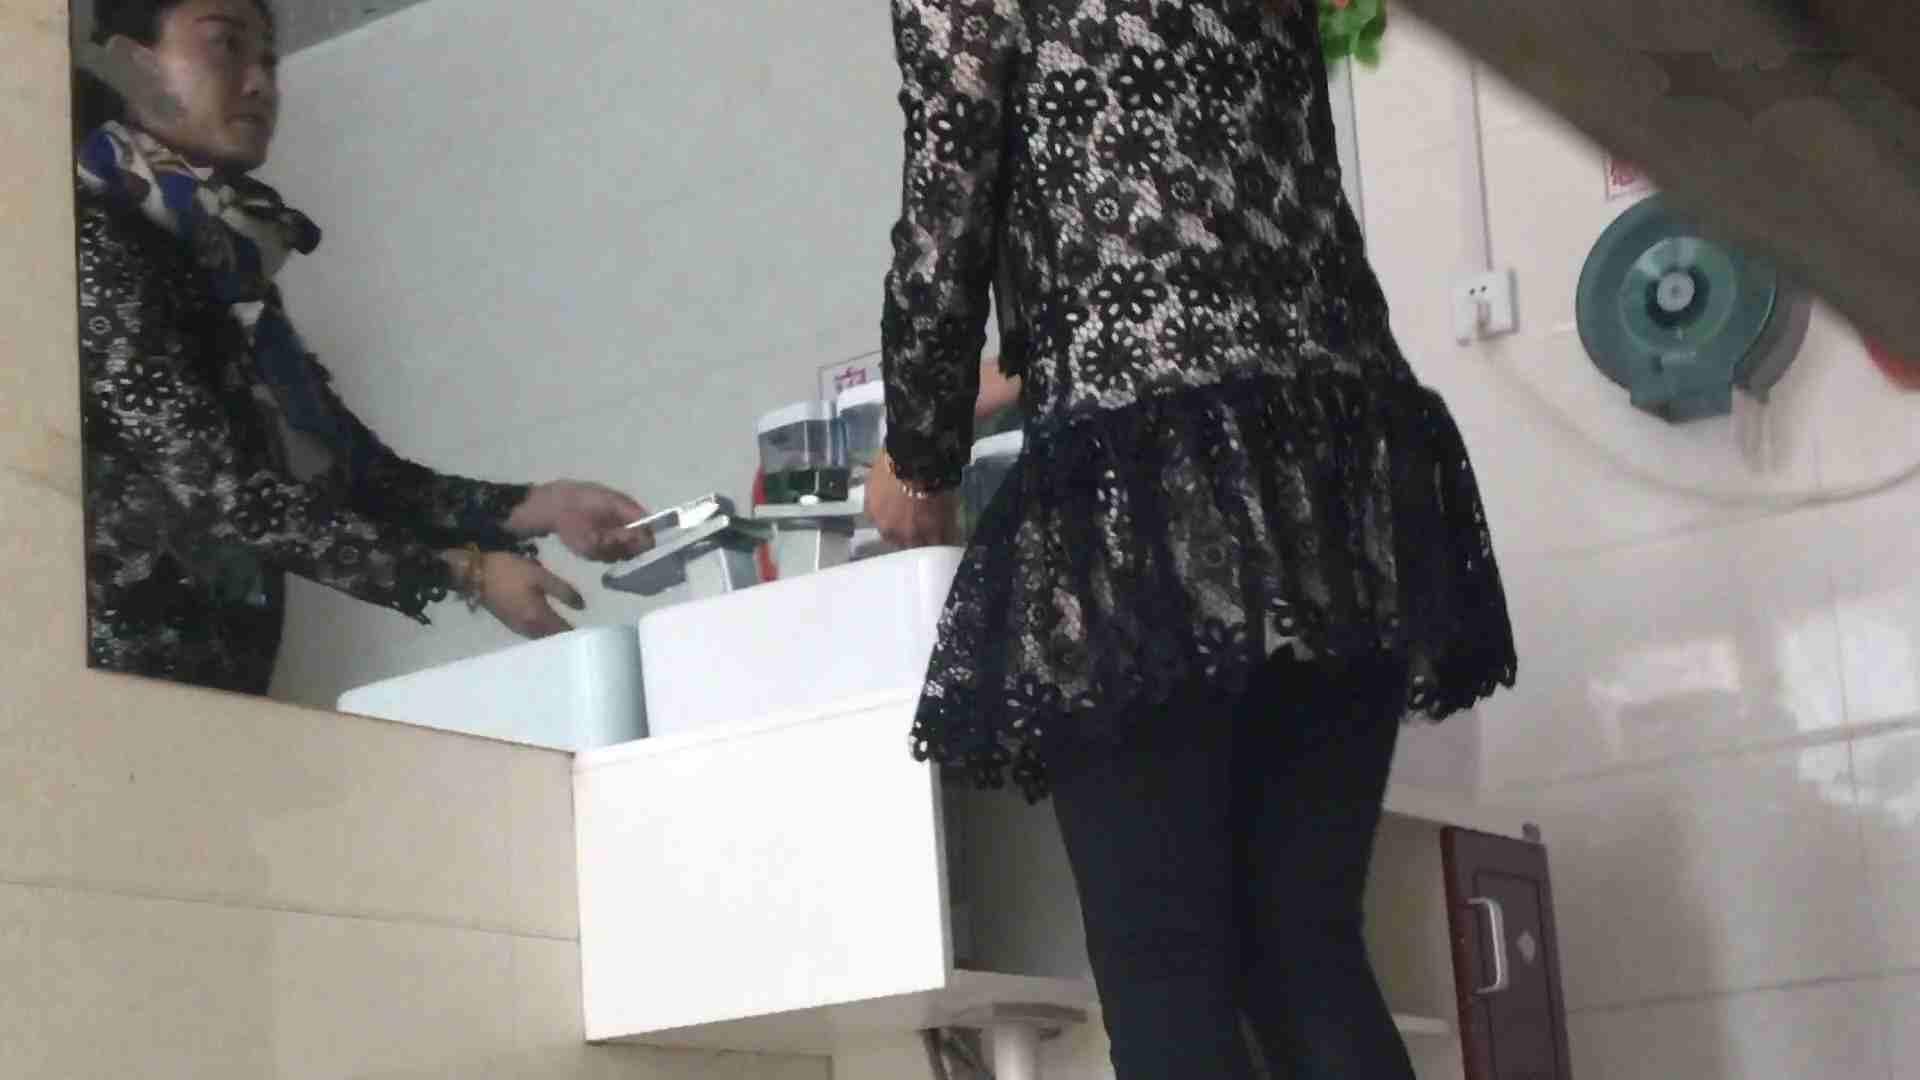 芸術大学ガチ潜入盗撮 JD盗撮 美女の洗面所の秘密 Vol.108 洗面所 | 盗撮  95pic 55